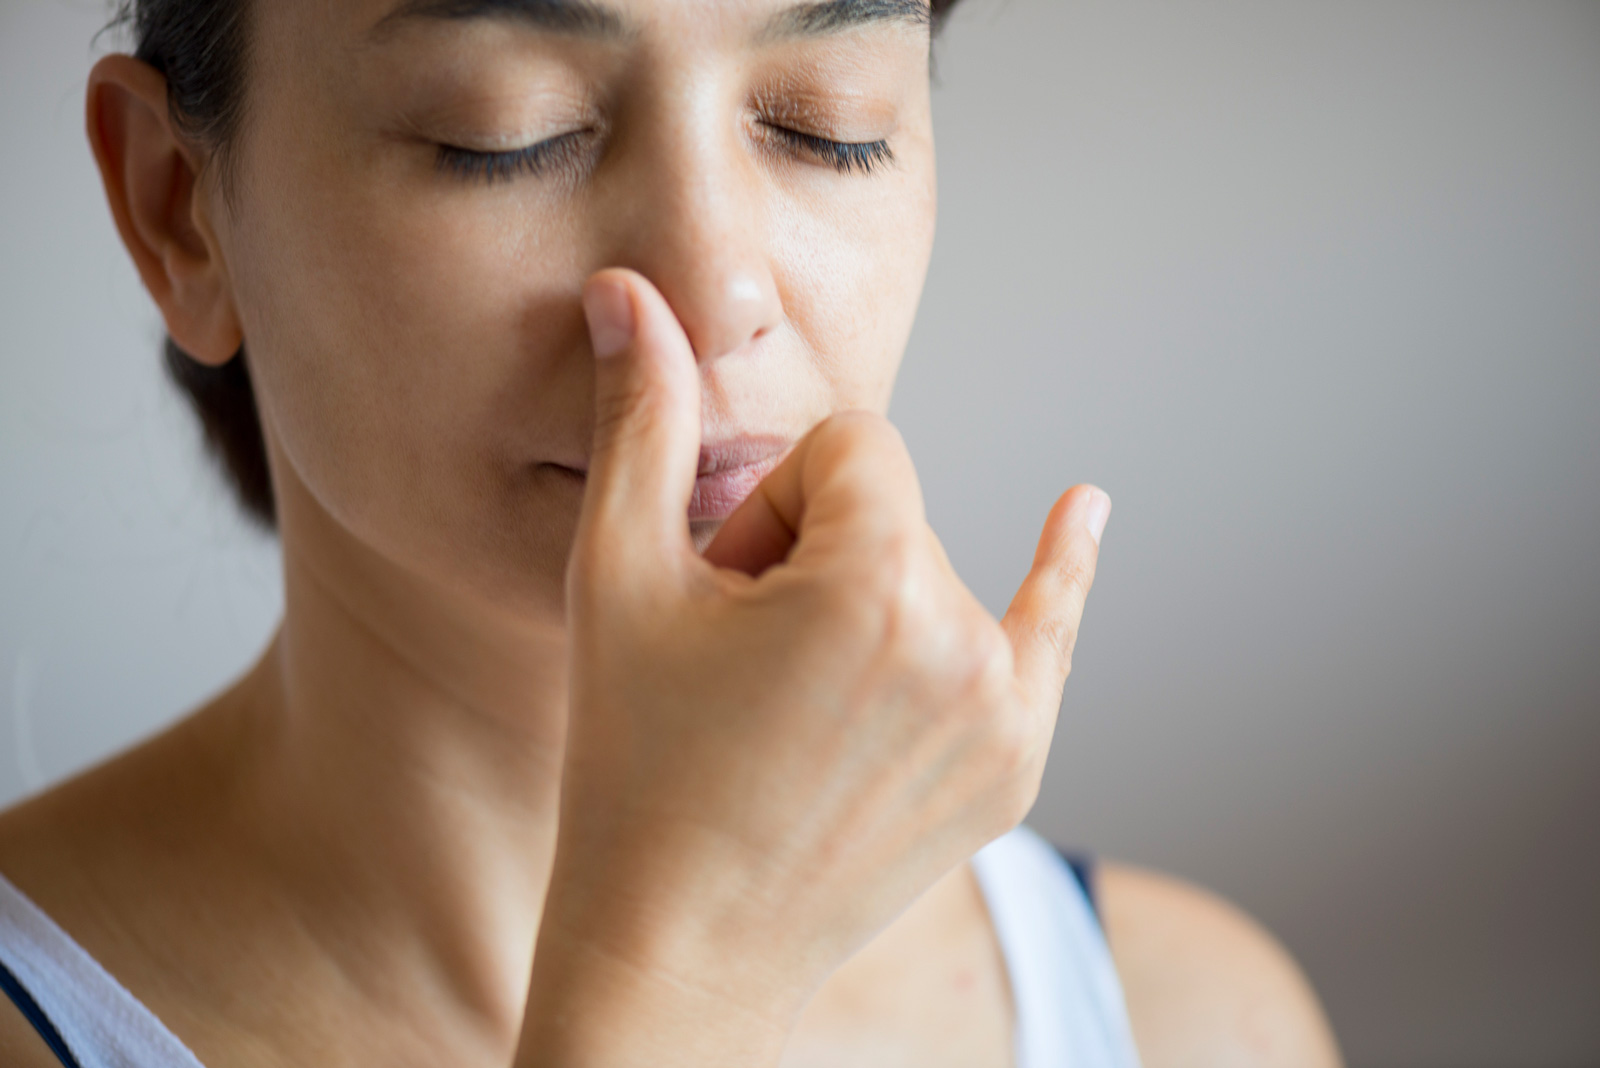 Beruhigend: Wechselatem jeweils nur durch ein Nasenloch